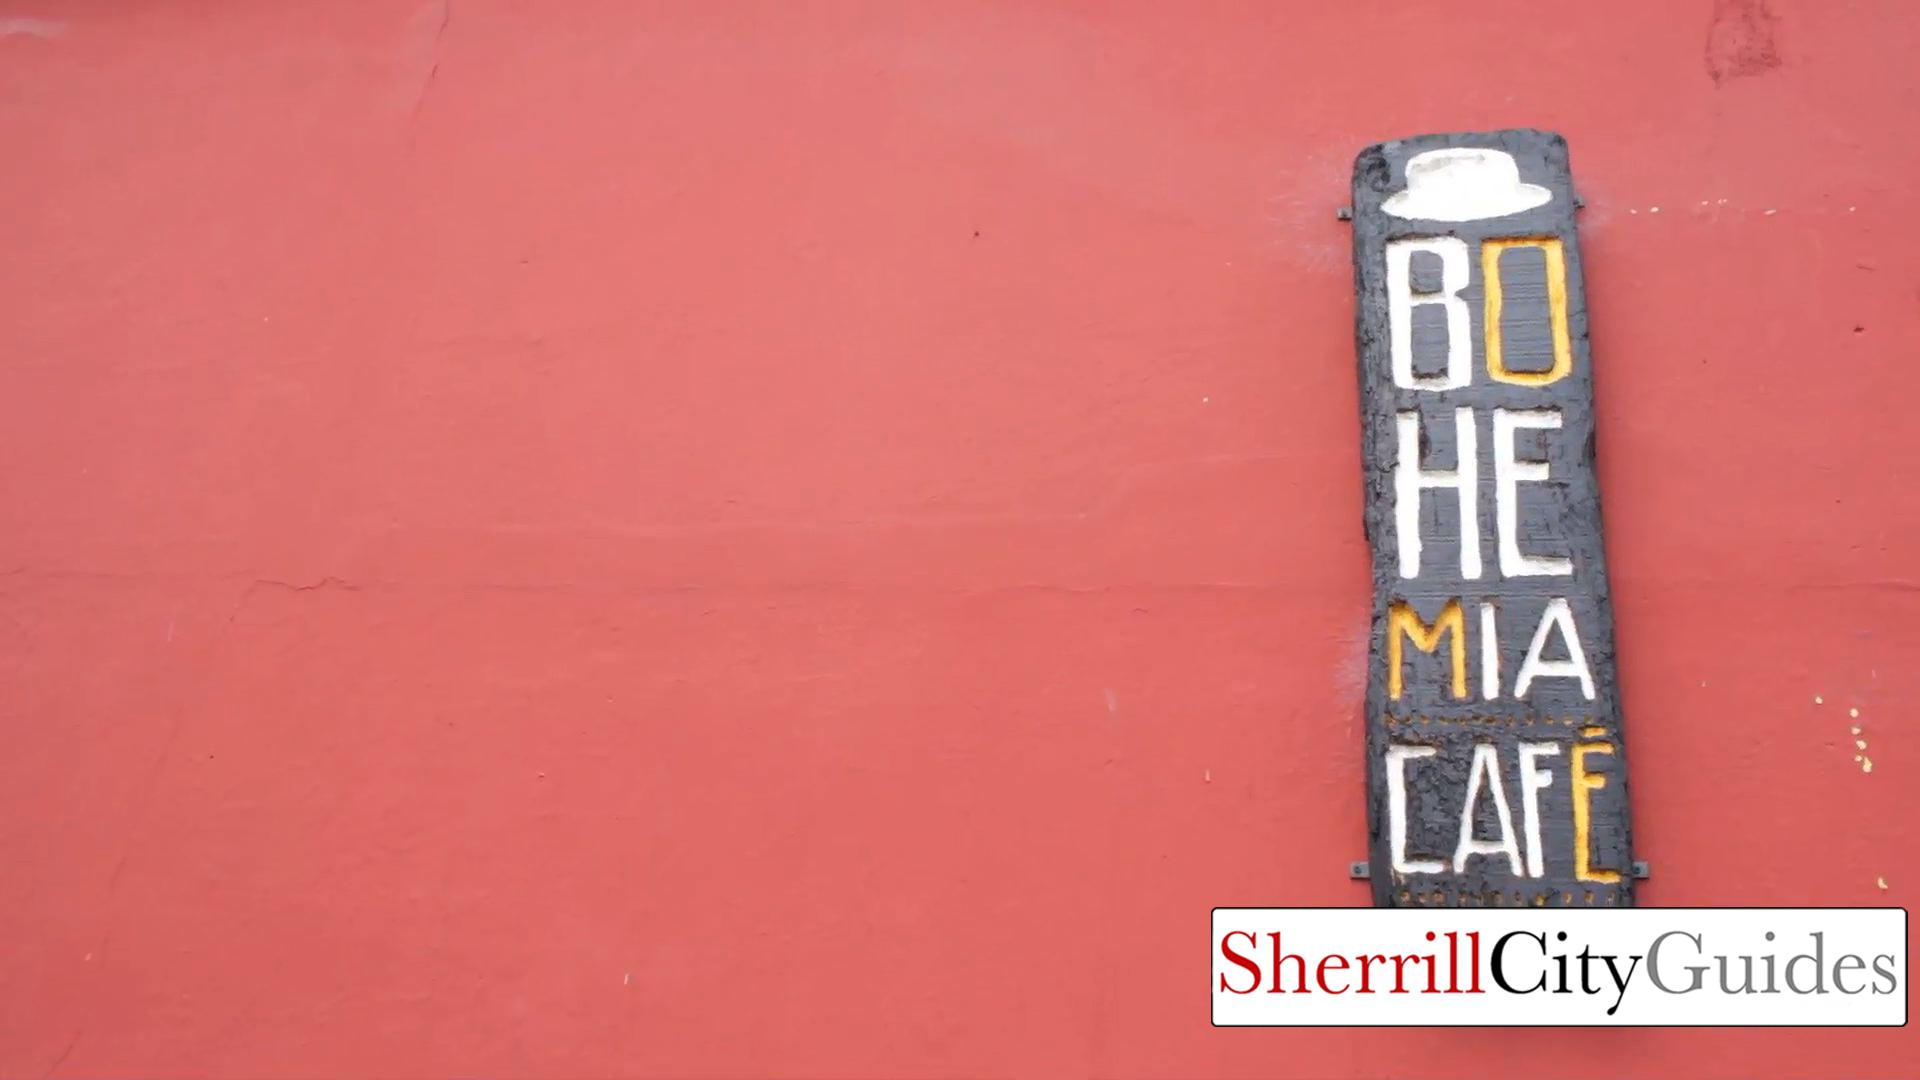 Bohemia Cafe Antigua, Guatemala